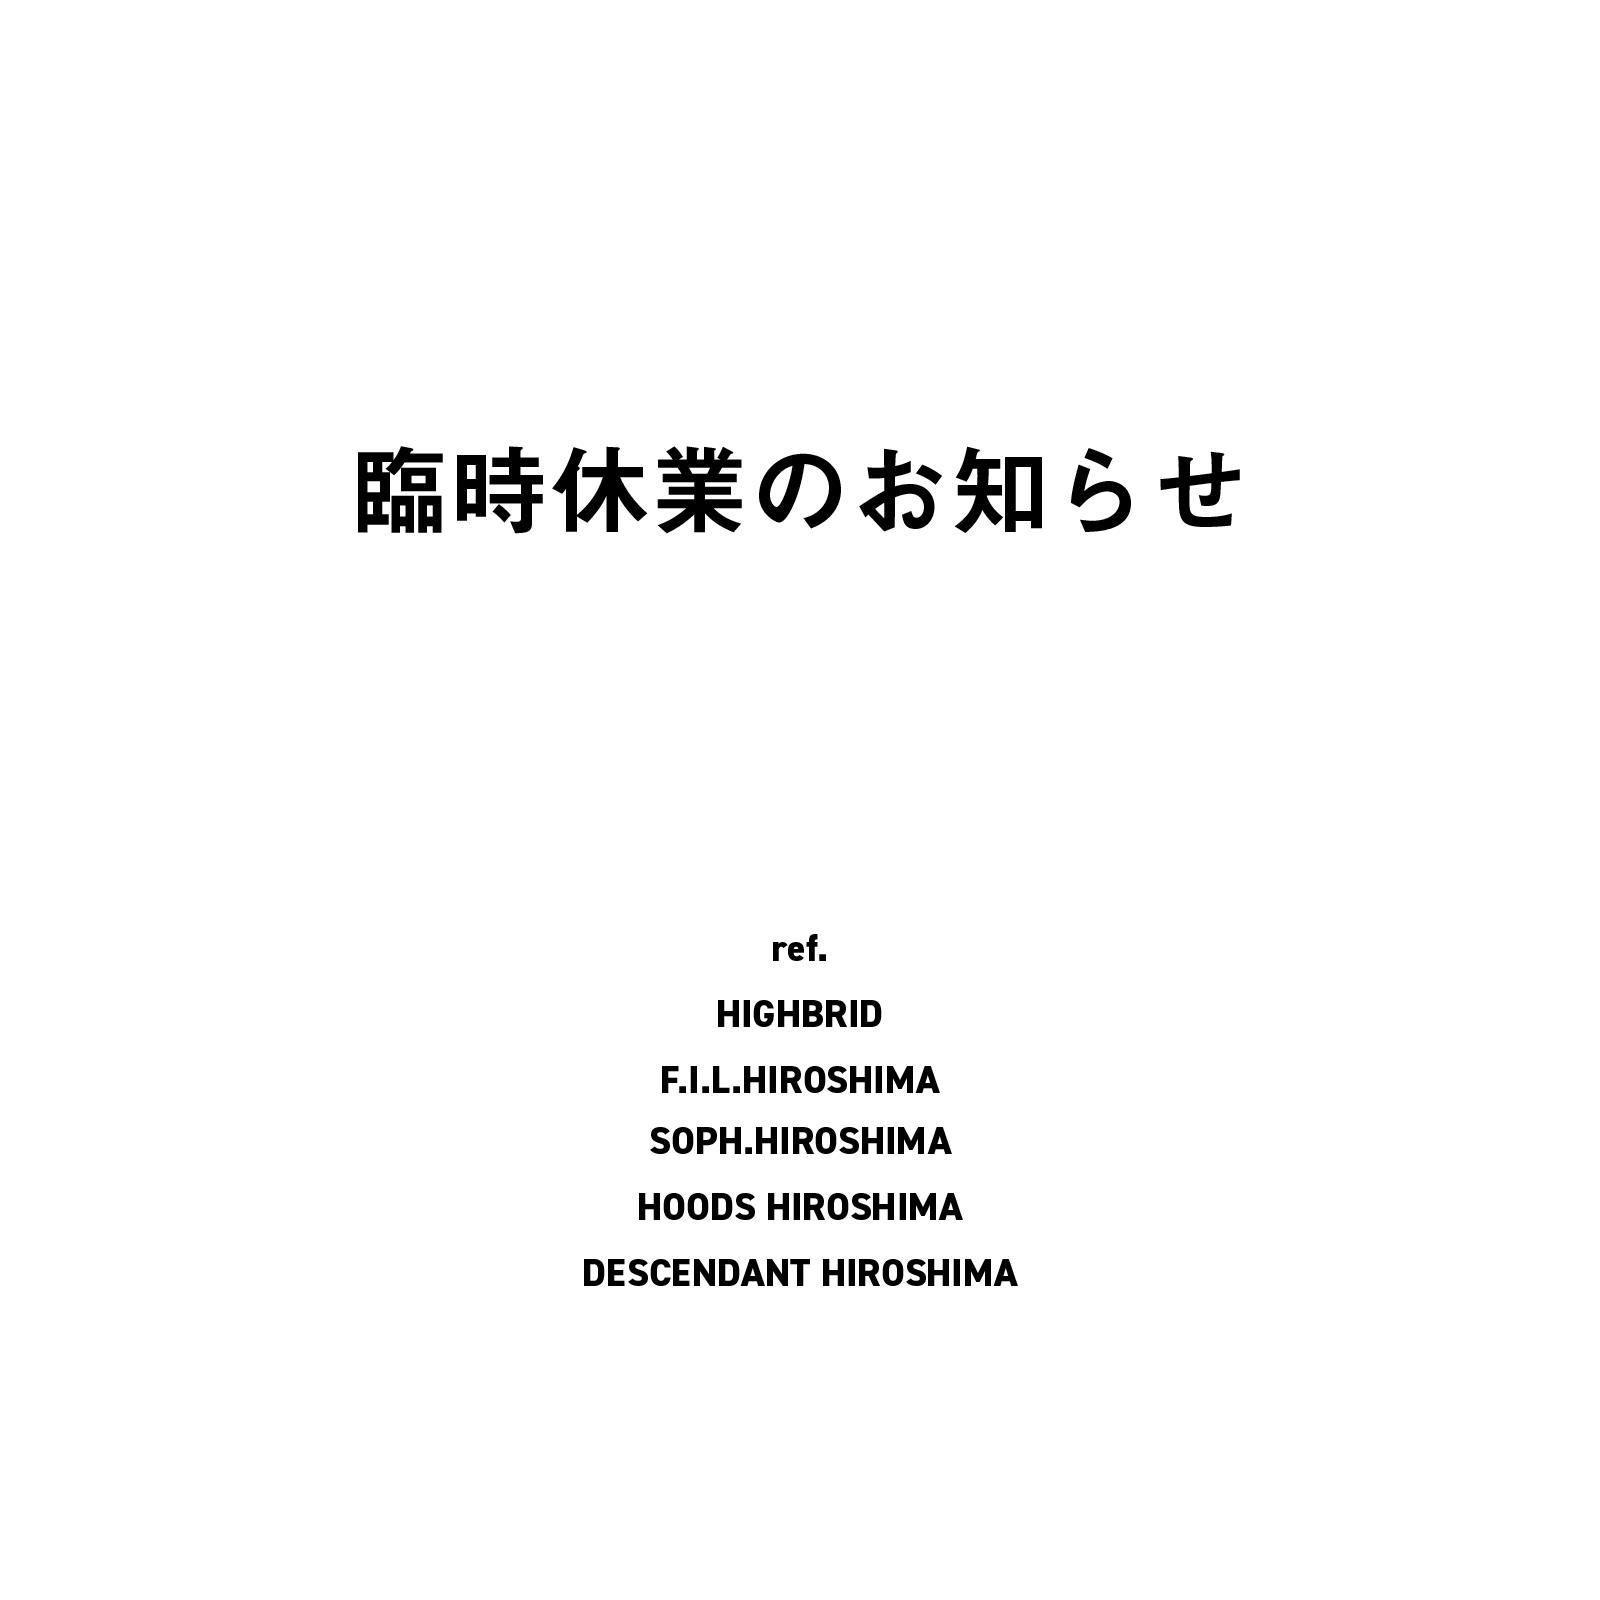 臨時休業のお知らせ_b0156682_20150621.jpg